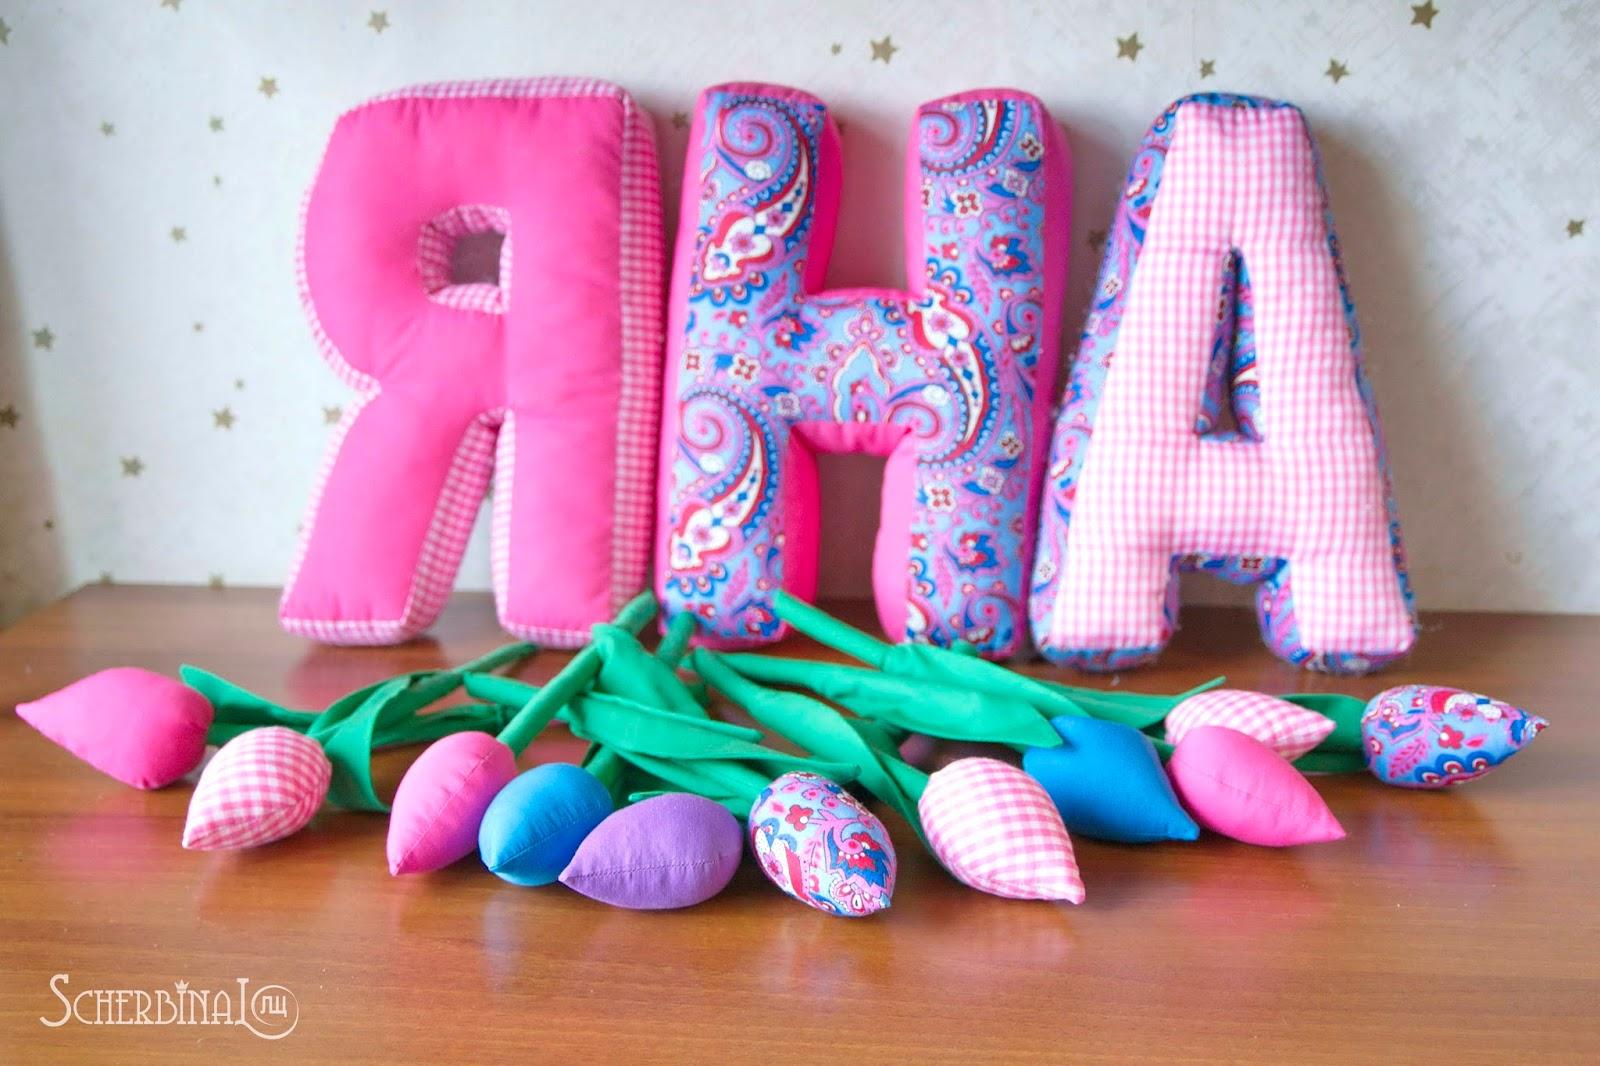 текстильные тюльпаны, тюльпаны Тильда, мягкие буквы